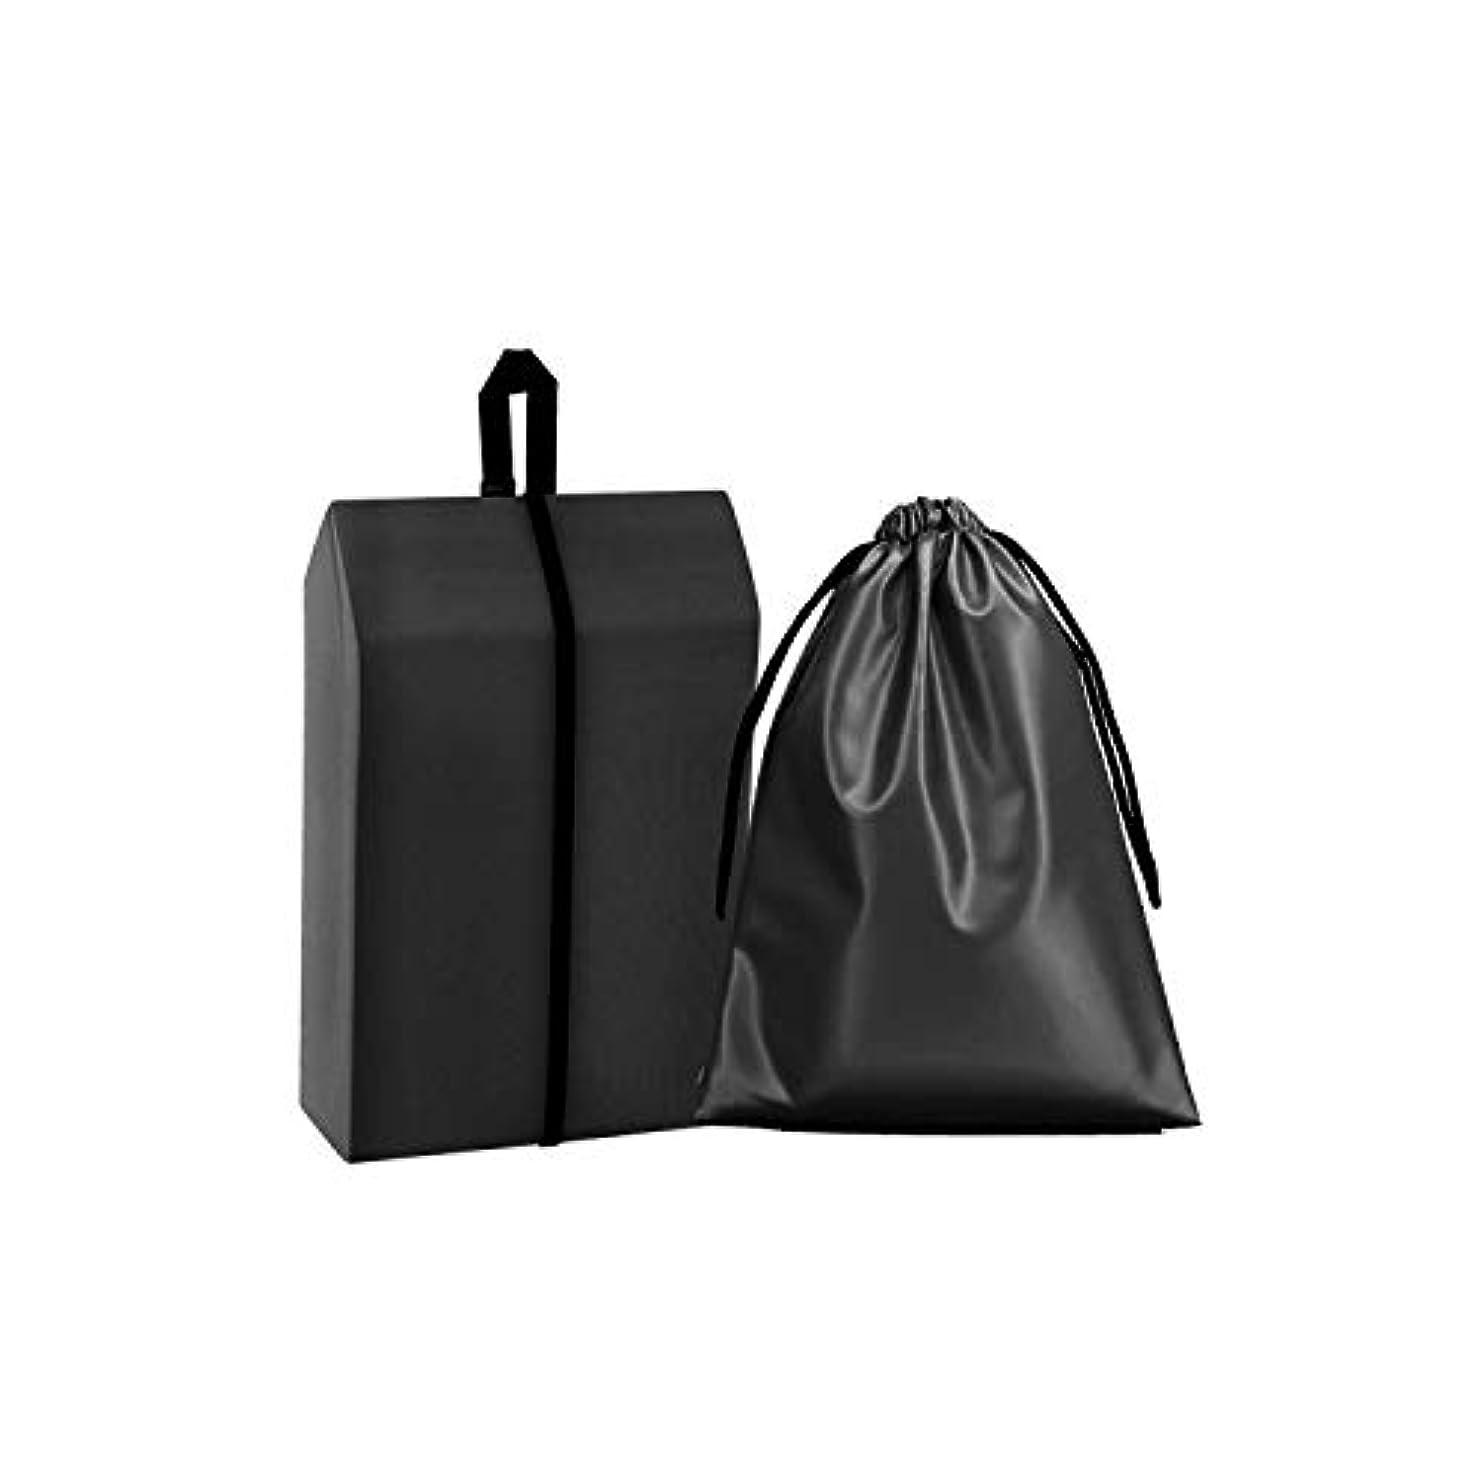 活性化鏡チャーミングシューズケース 巾着袋 靴収納袋 防水 多機能収納 旅行 出張 家庭収納 ブラック 4枚入り